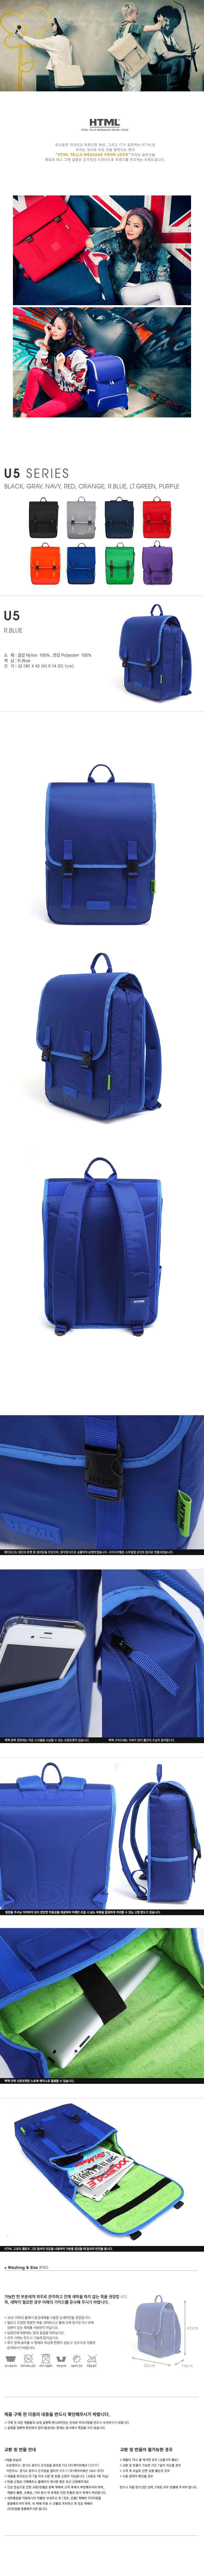 [에이치티엠엘]HTML - NEW U5 Backpack (R.Blue)_학생가방_스쿨백팩